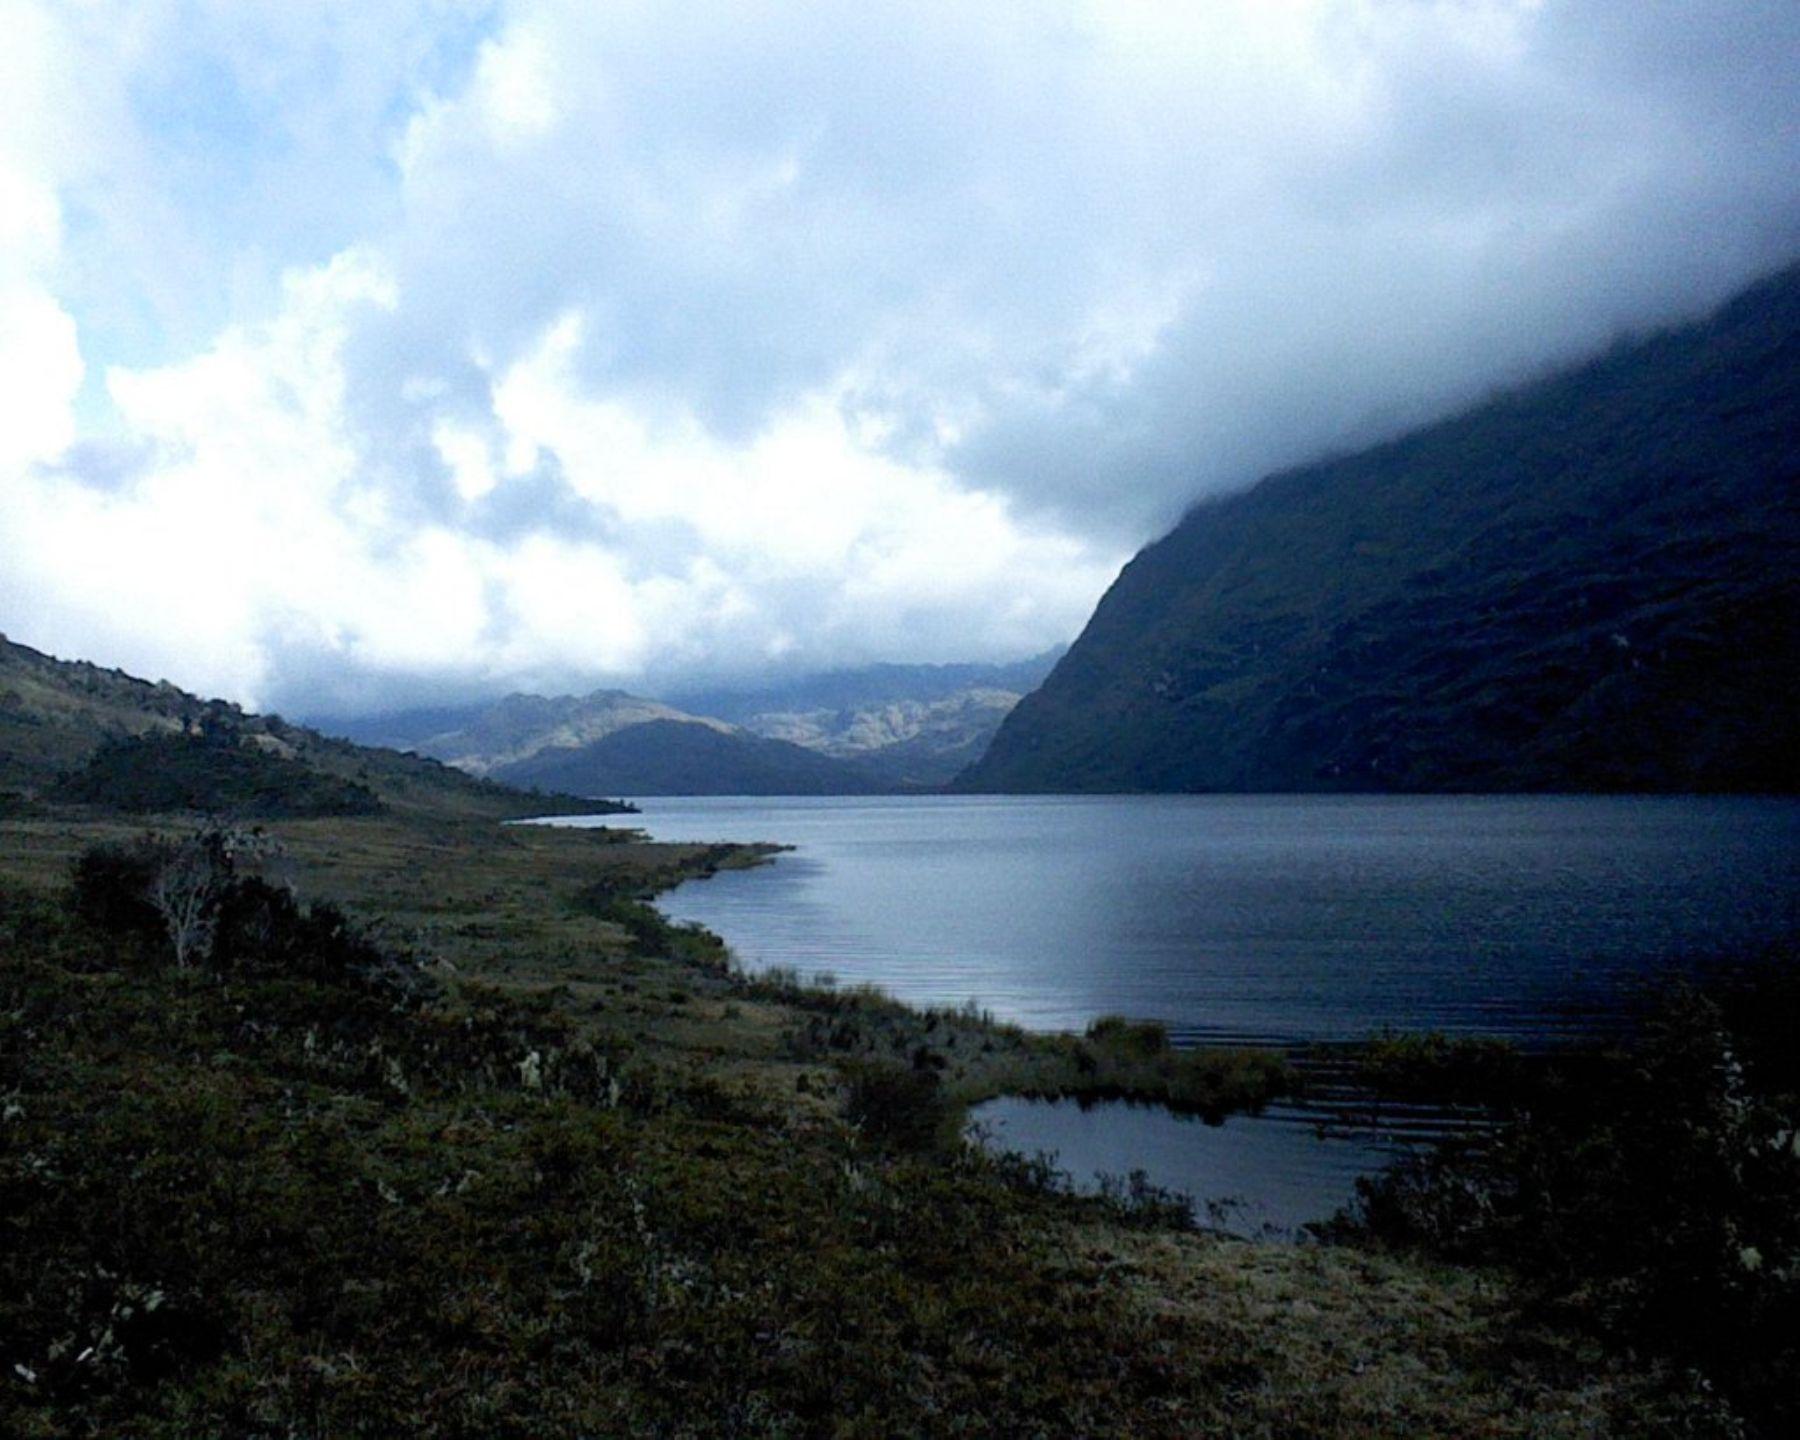 Laguna de Carpa, ubicada en el distrito de Tantamayo, en la provincia de Huamalíes. Foto: Gobierno regional de Huánuco.